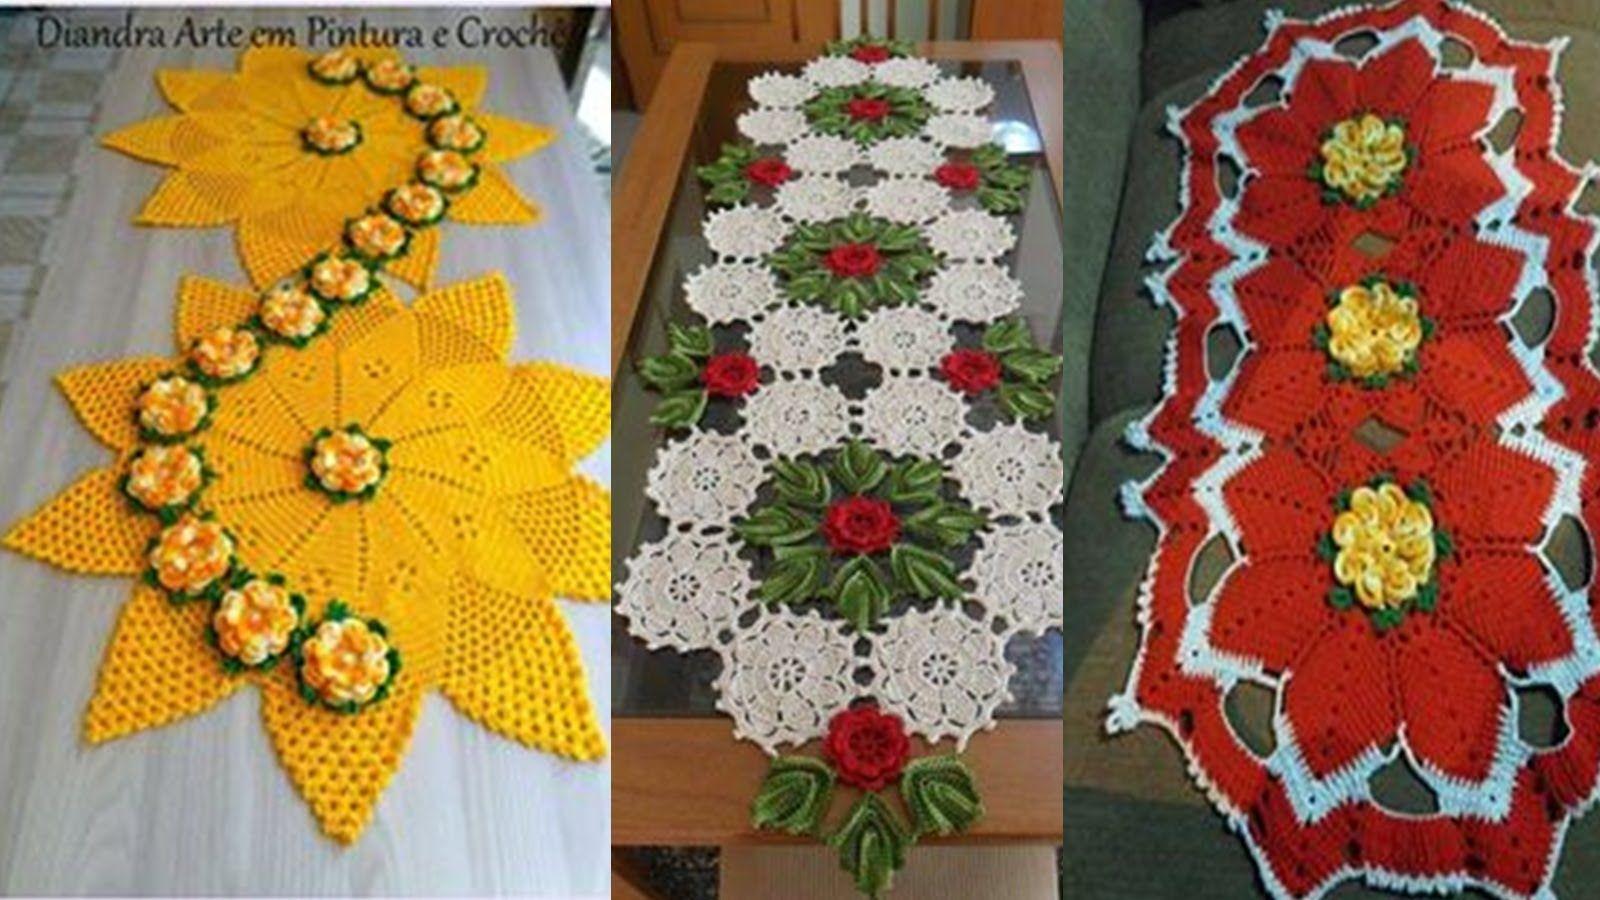 Como hacer centros de mesas hermosos dise os tejidos a for Mesas de centro de diseno